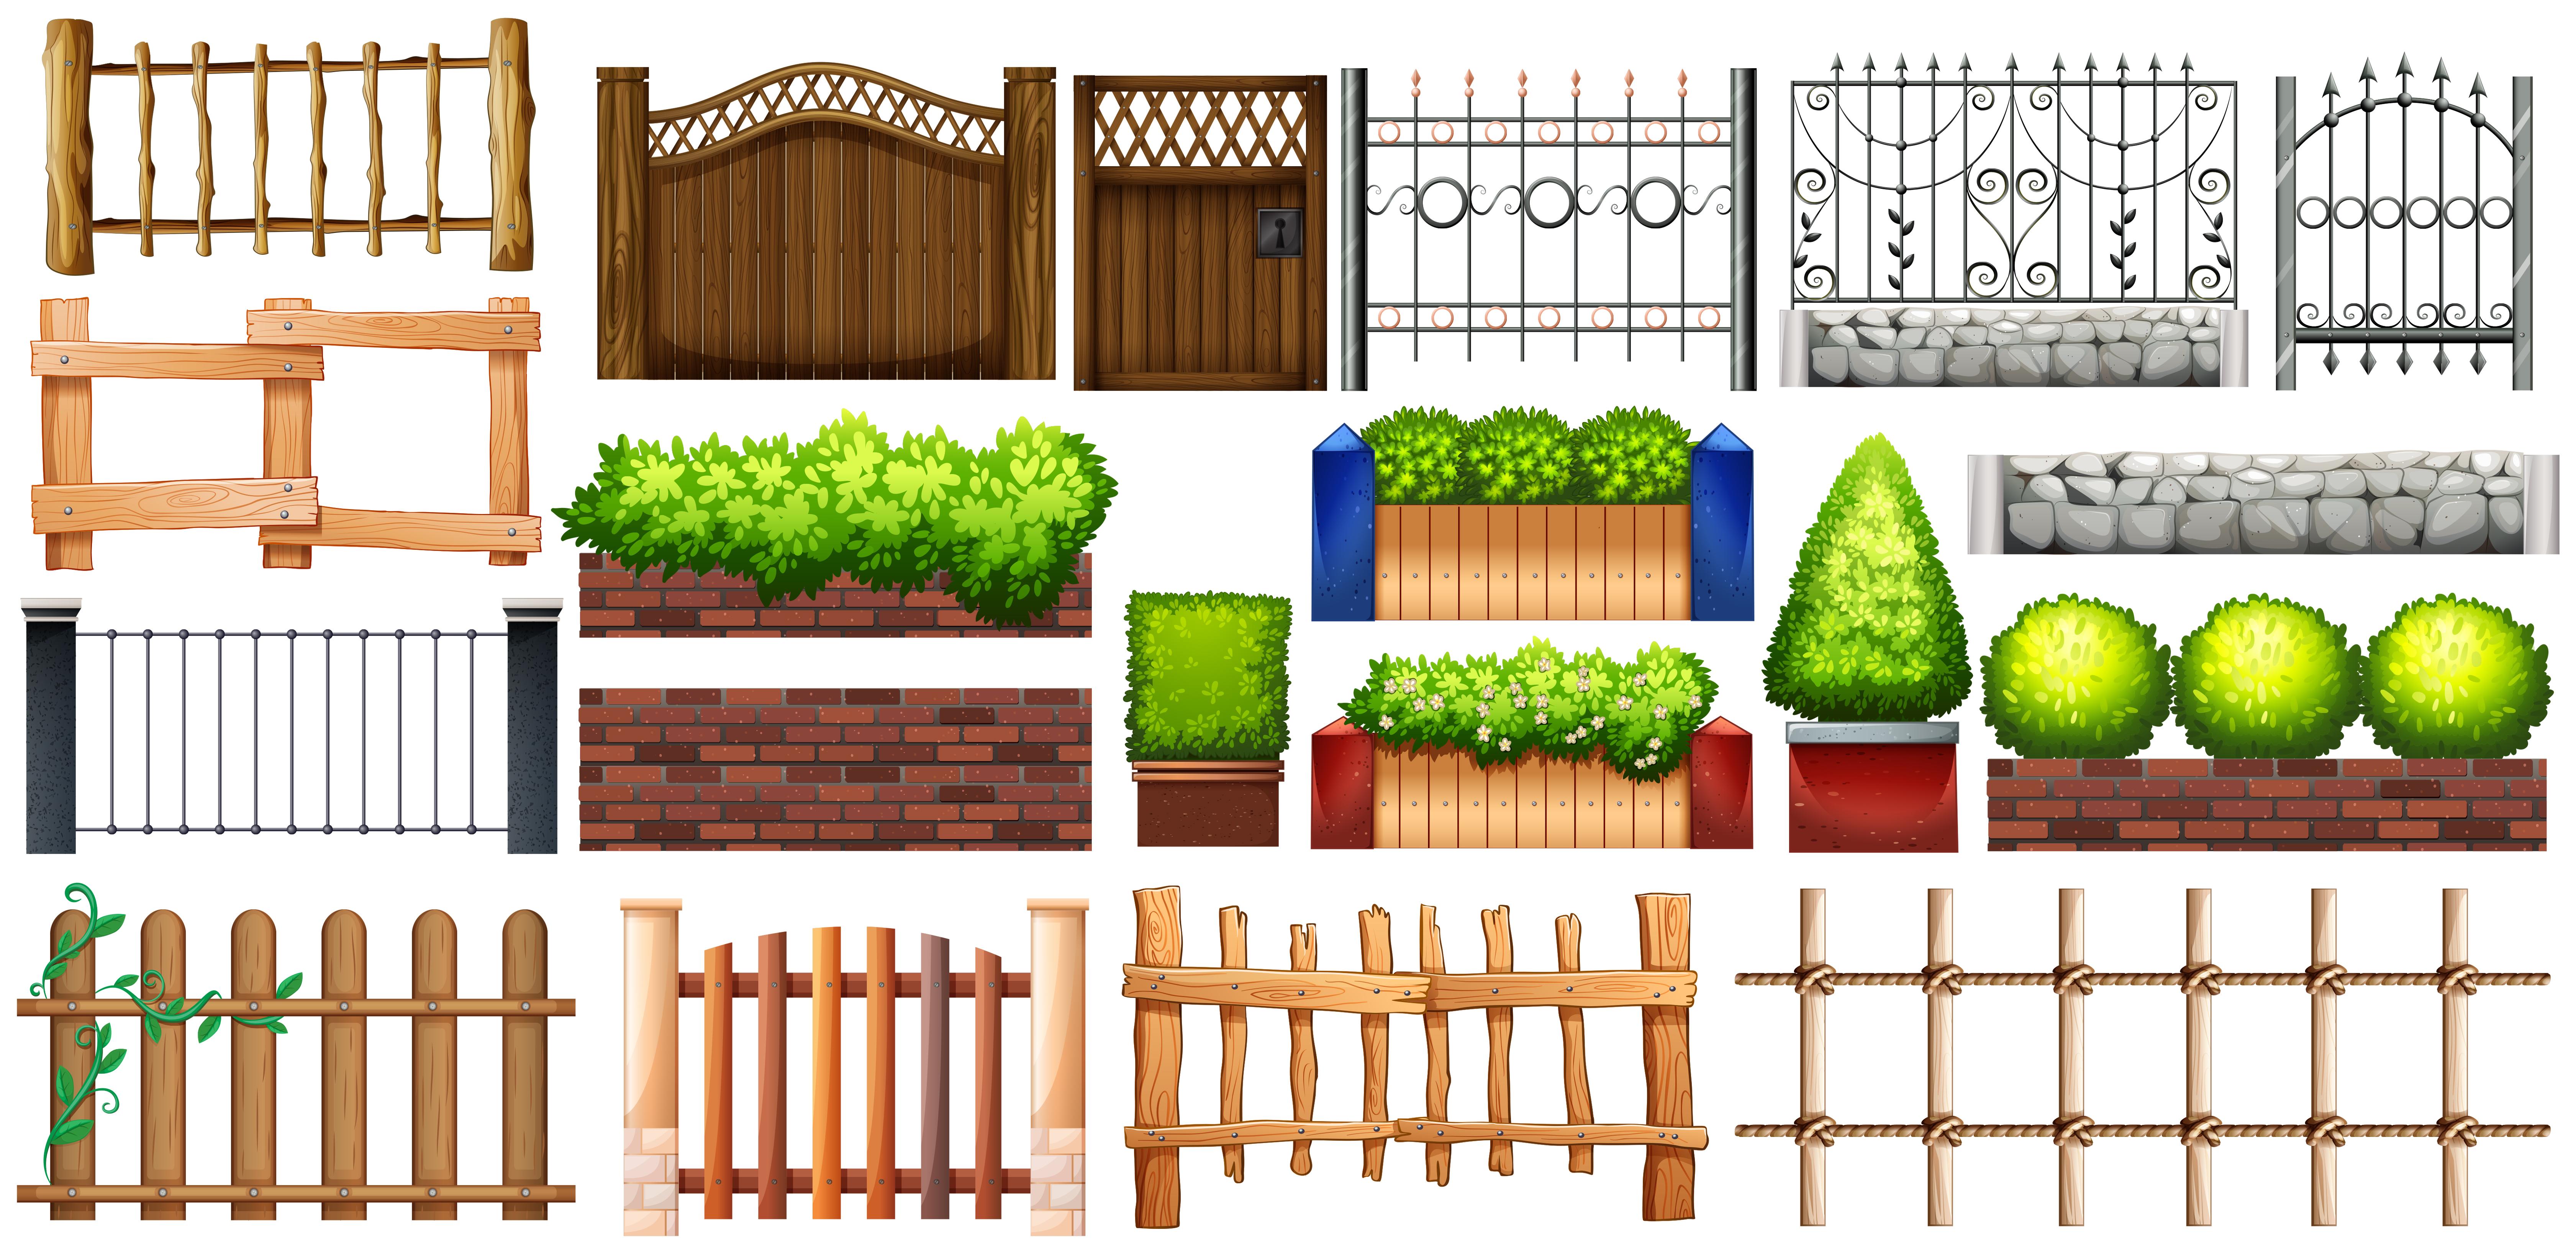 Staccionata Bianca In Legno design diverso di recinzione e muro - scarica immagini